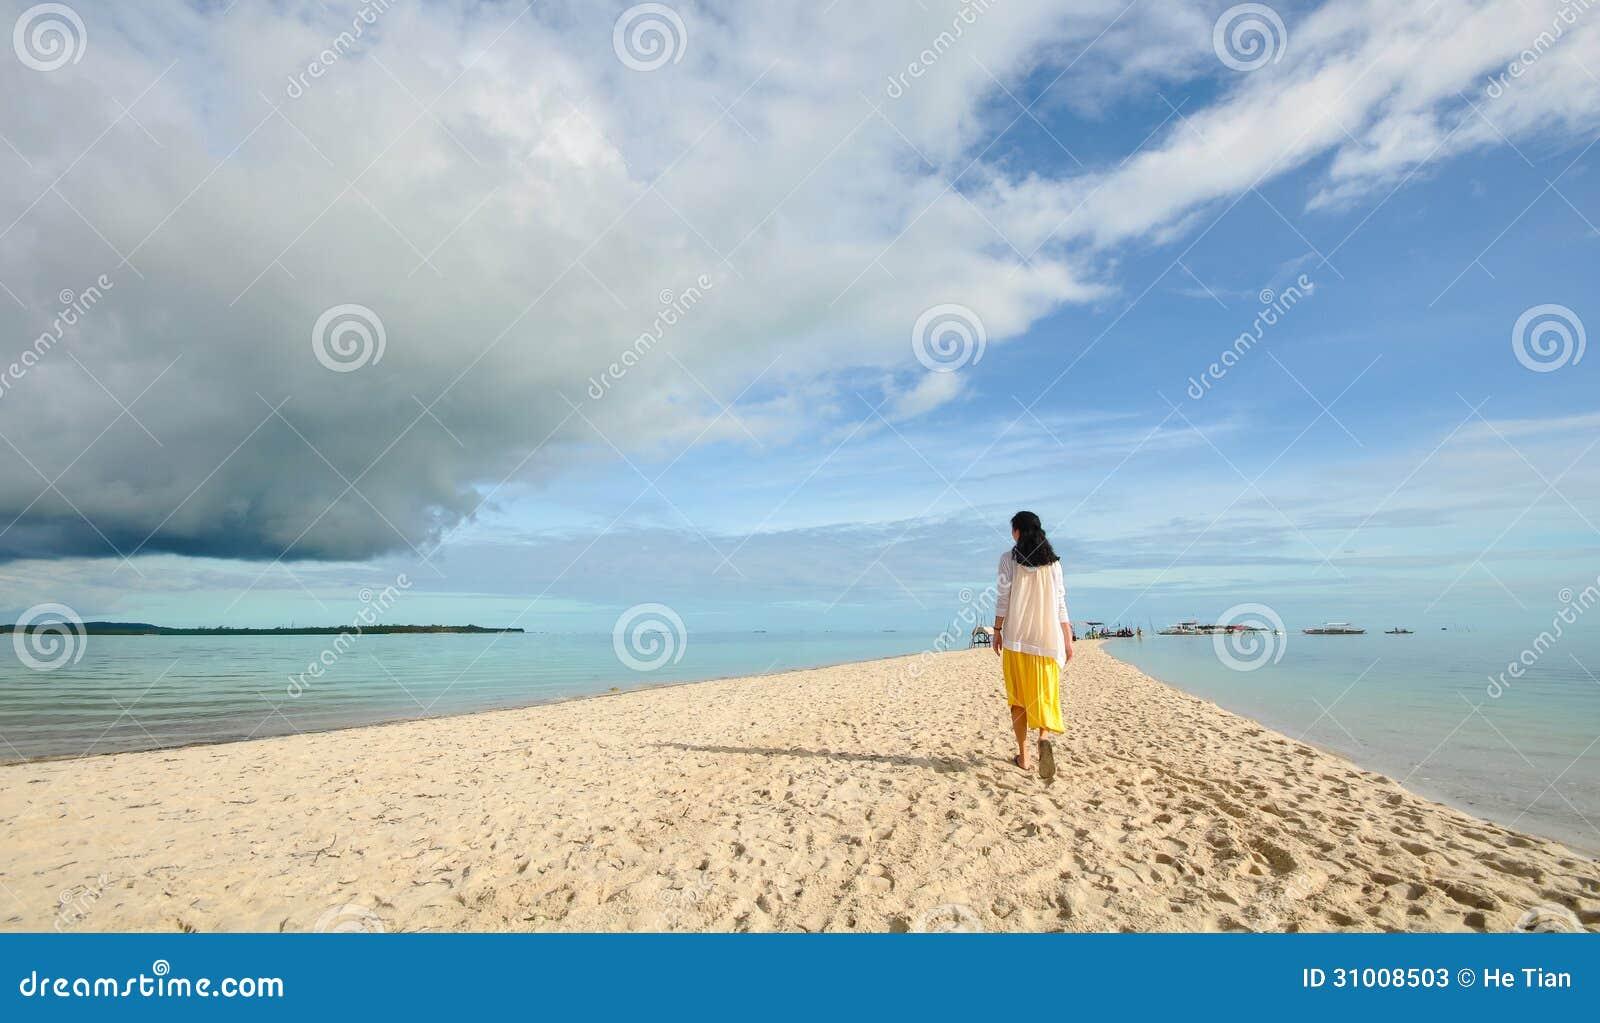 Περίπατοι νέων κοριτσιών στη μακριά στενή παραλία